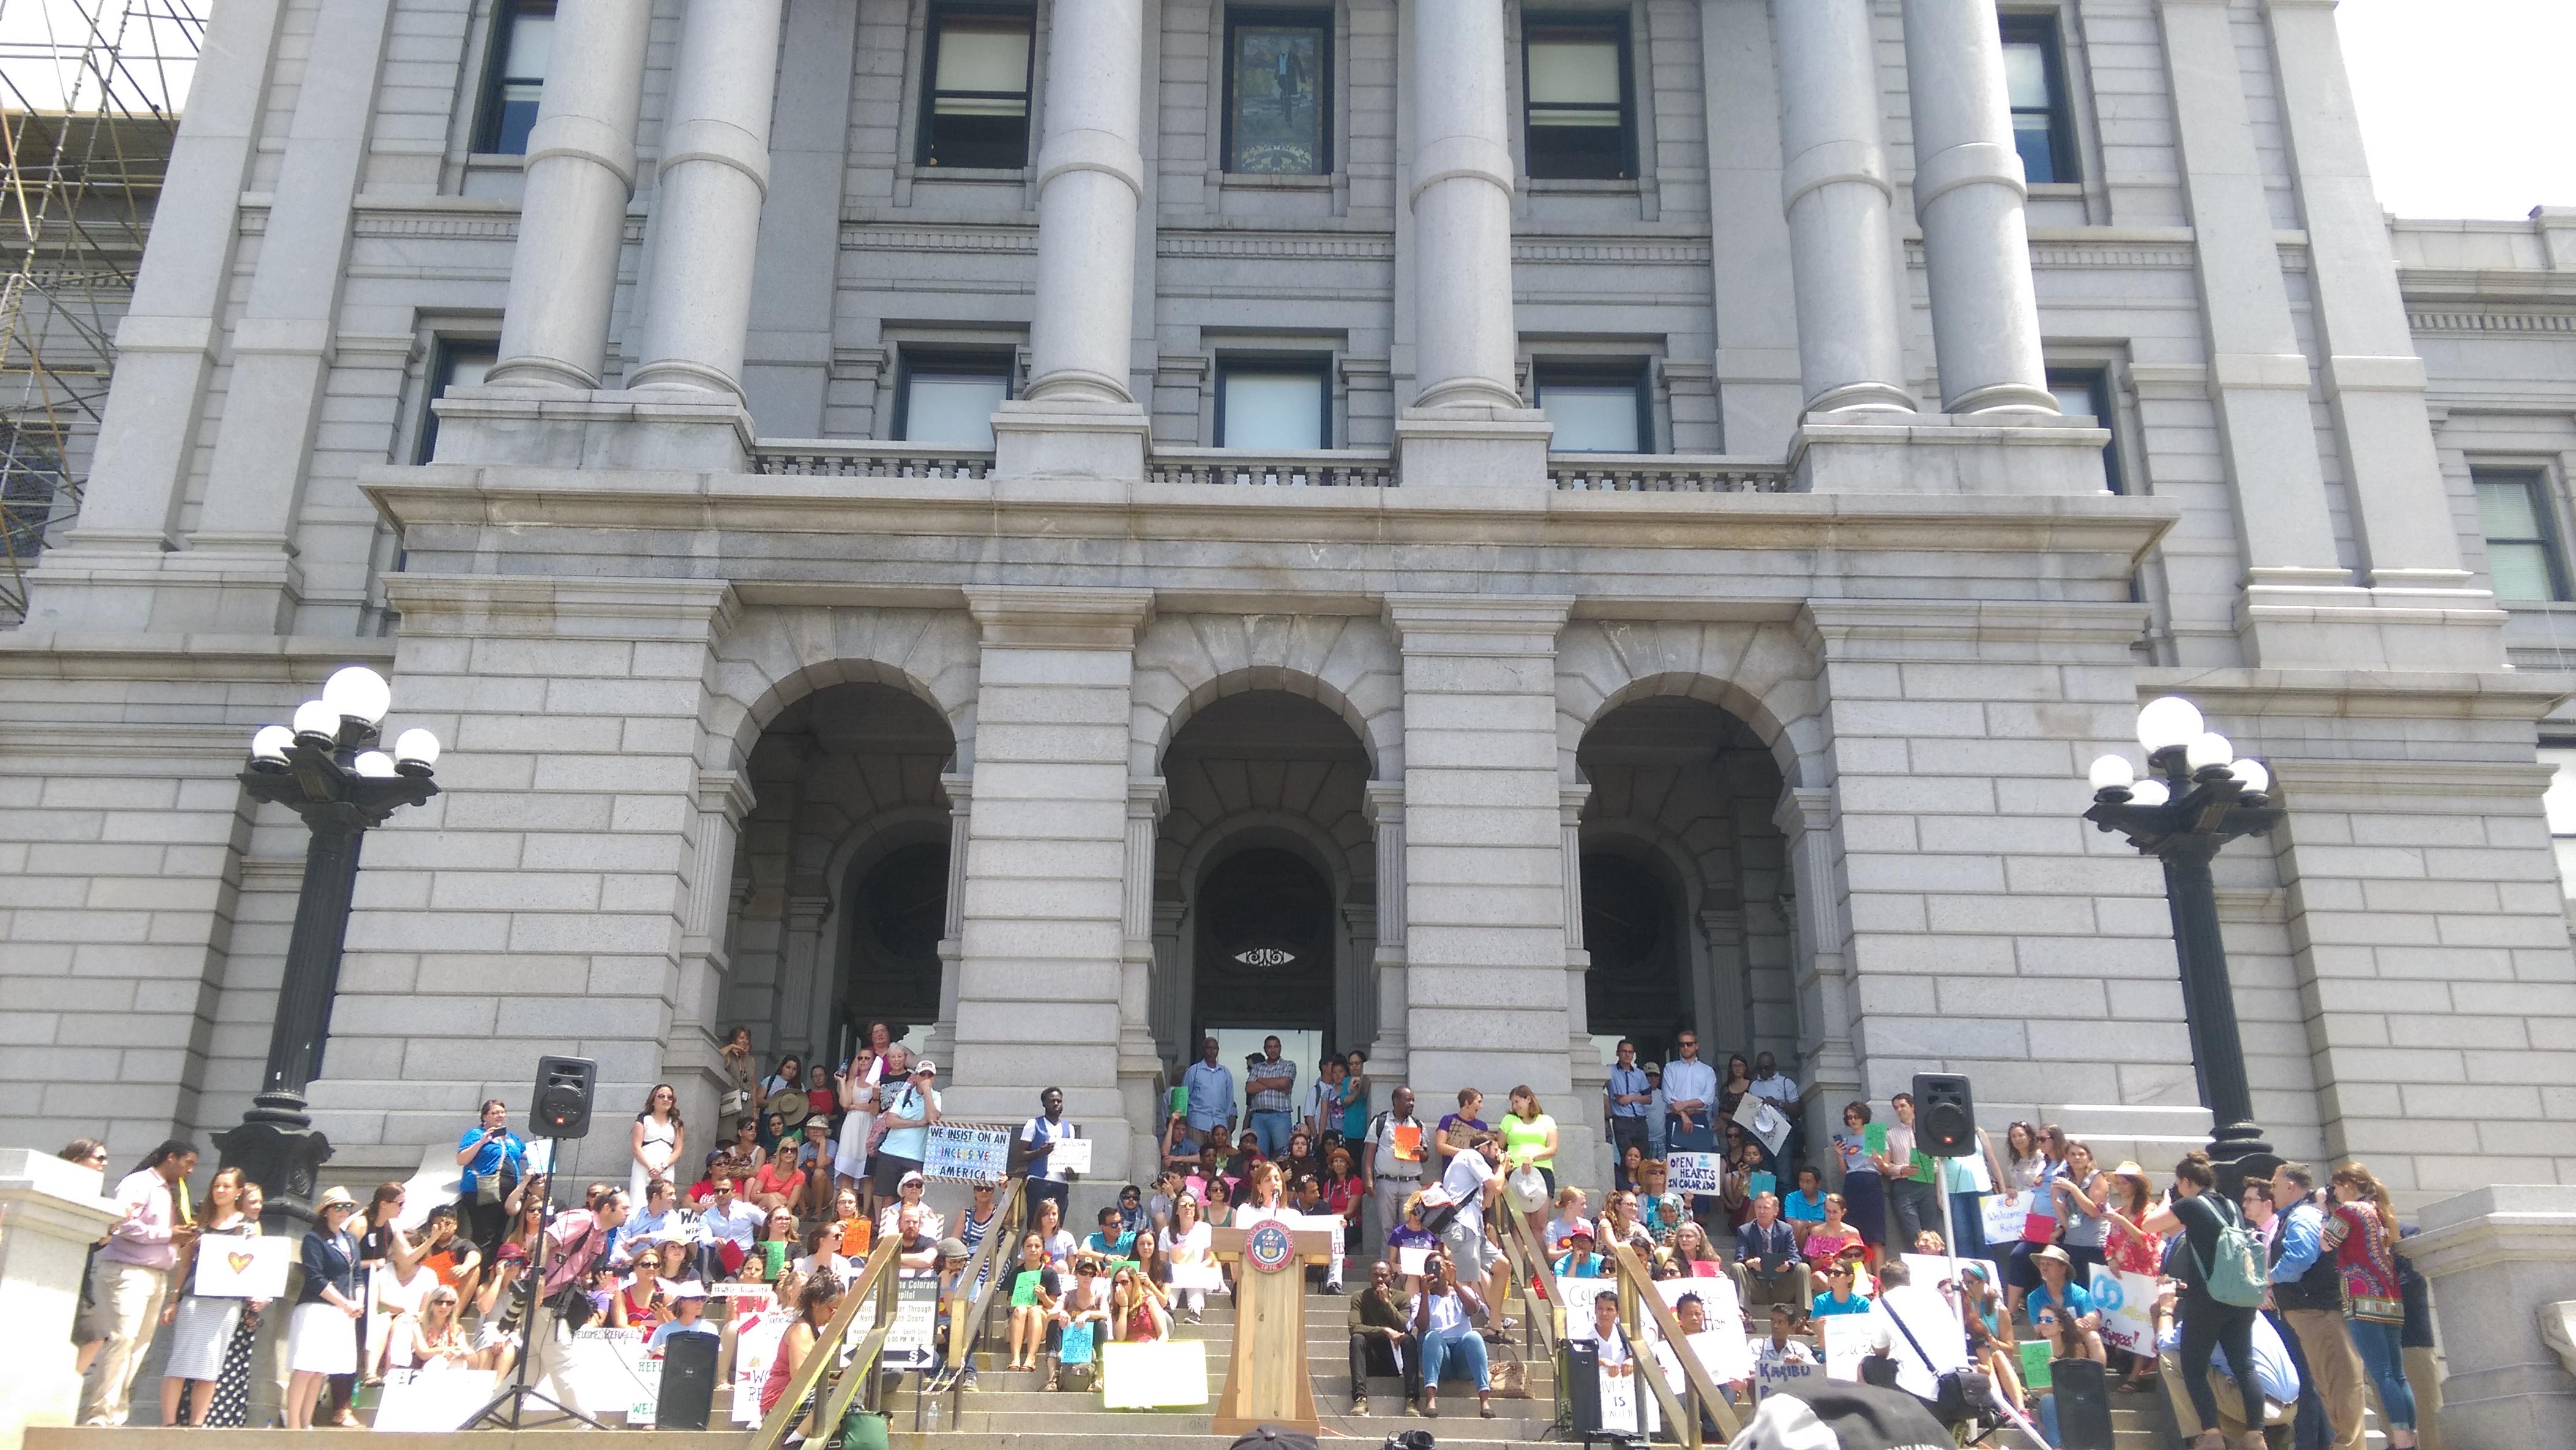 The rally at the Denver capitol on World Refugee Day 2017. PC: Katelyn Skye Bennett